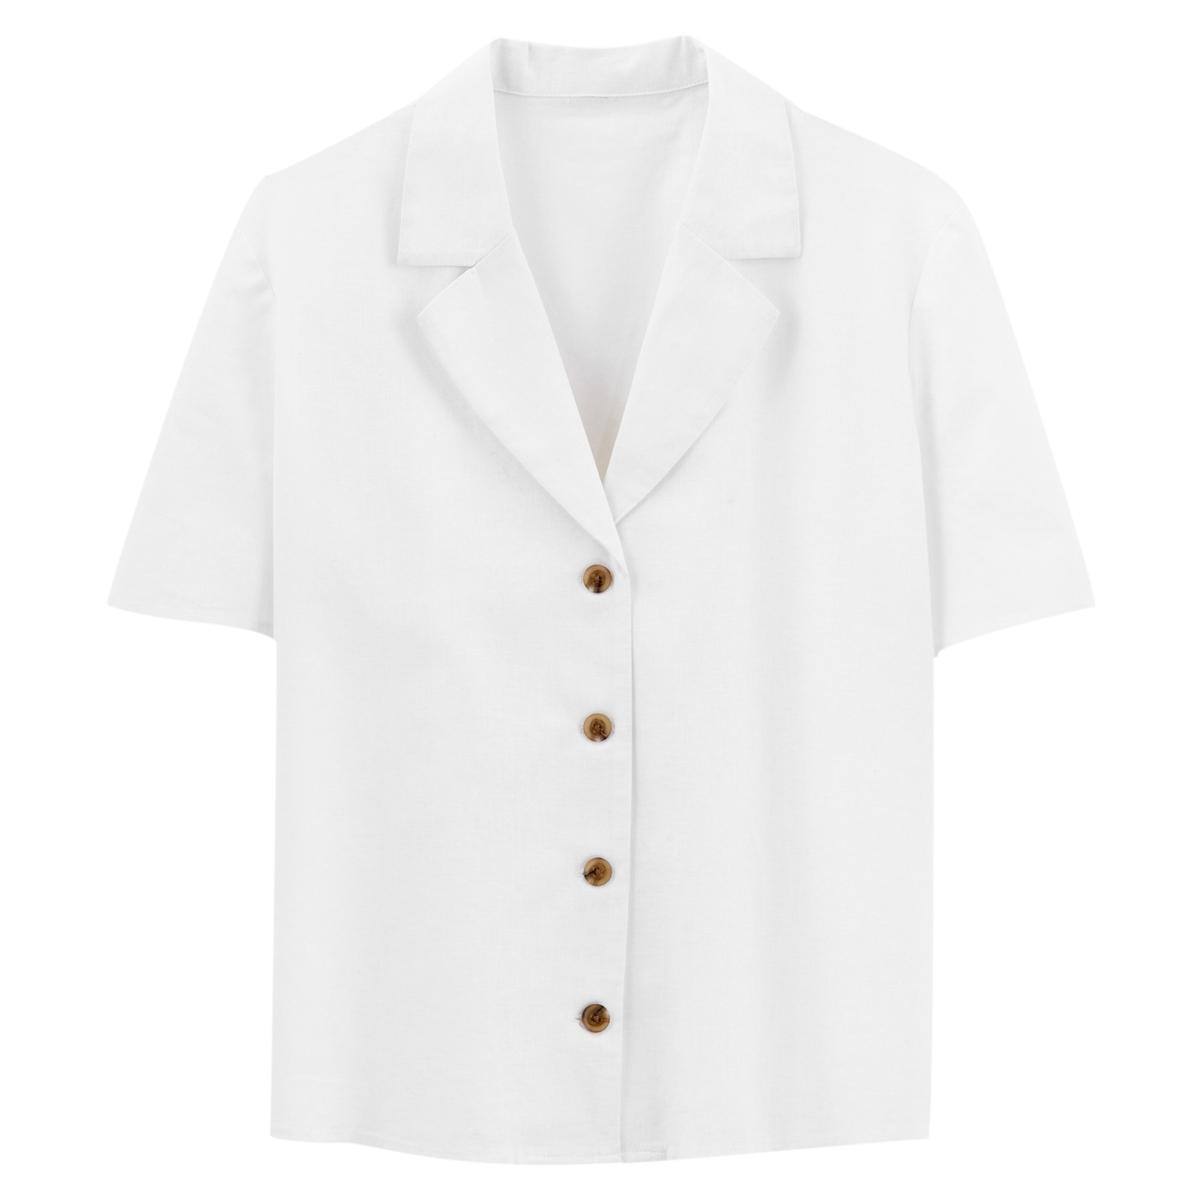 Camisa com gola de alfaiate, mangas curtas